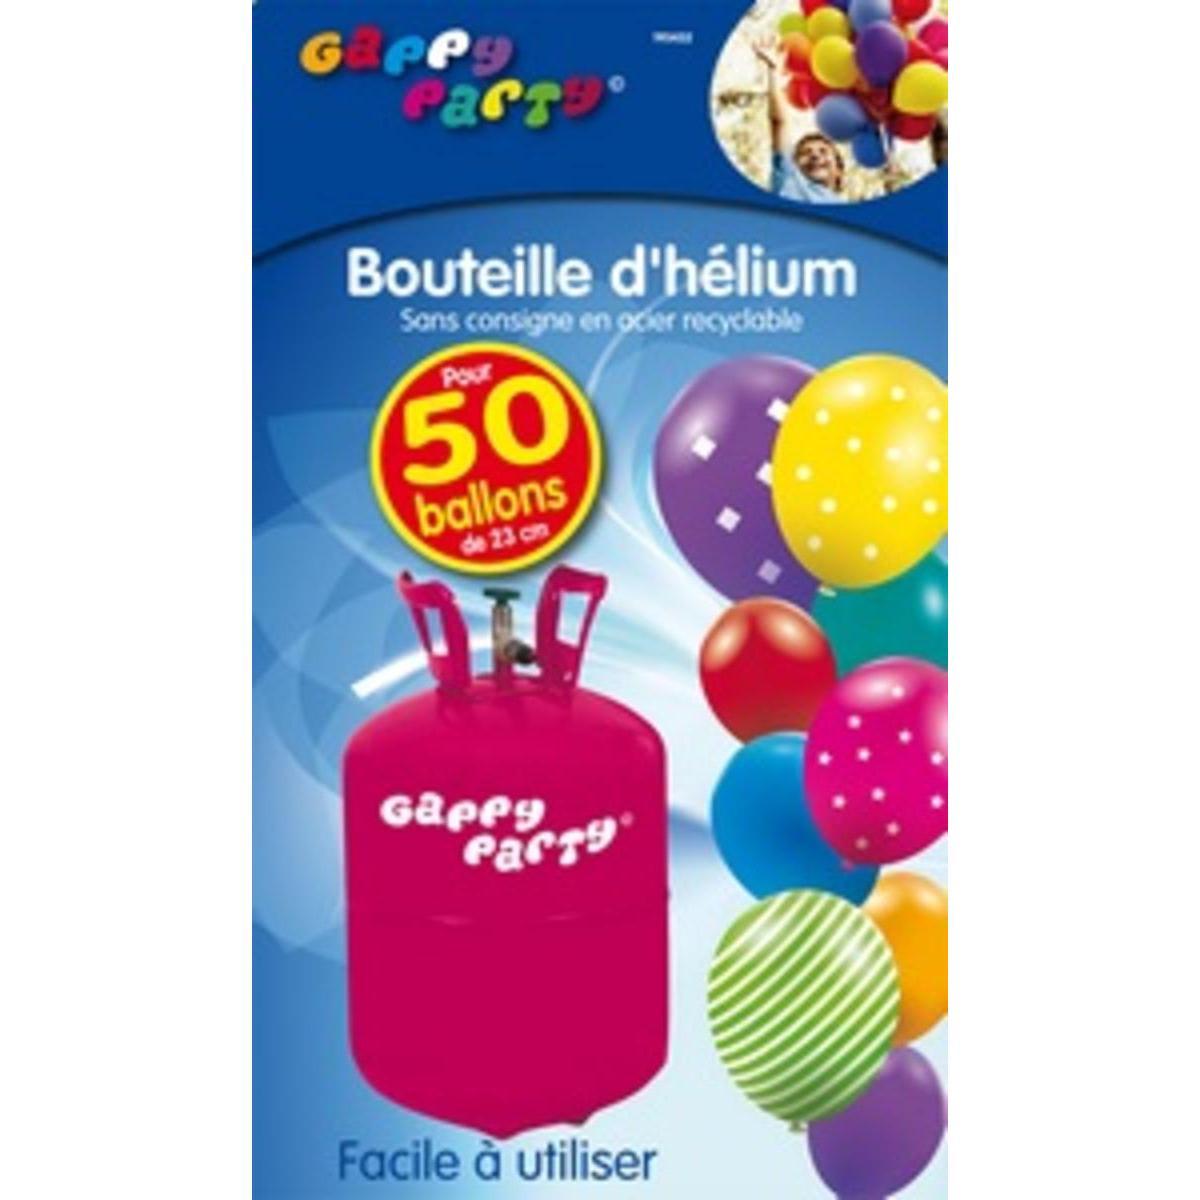 Bonbonne Helium 13 4l Pour 50 Ballons Gappy Party Vaisselle Jetable La Foir Fouille